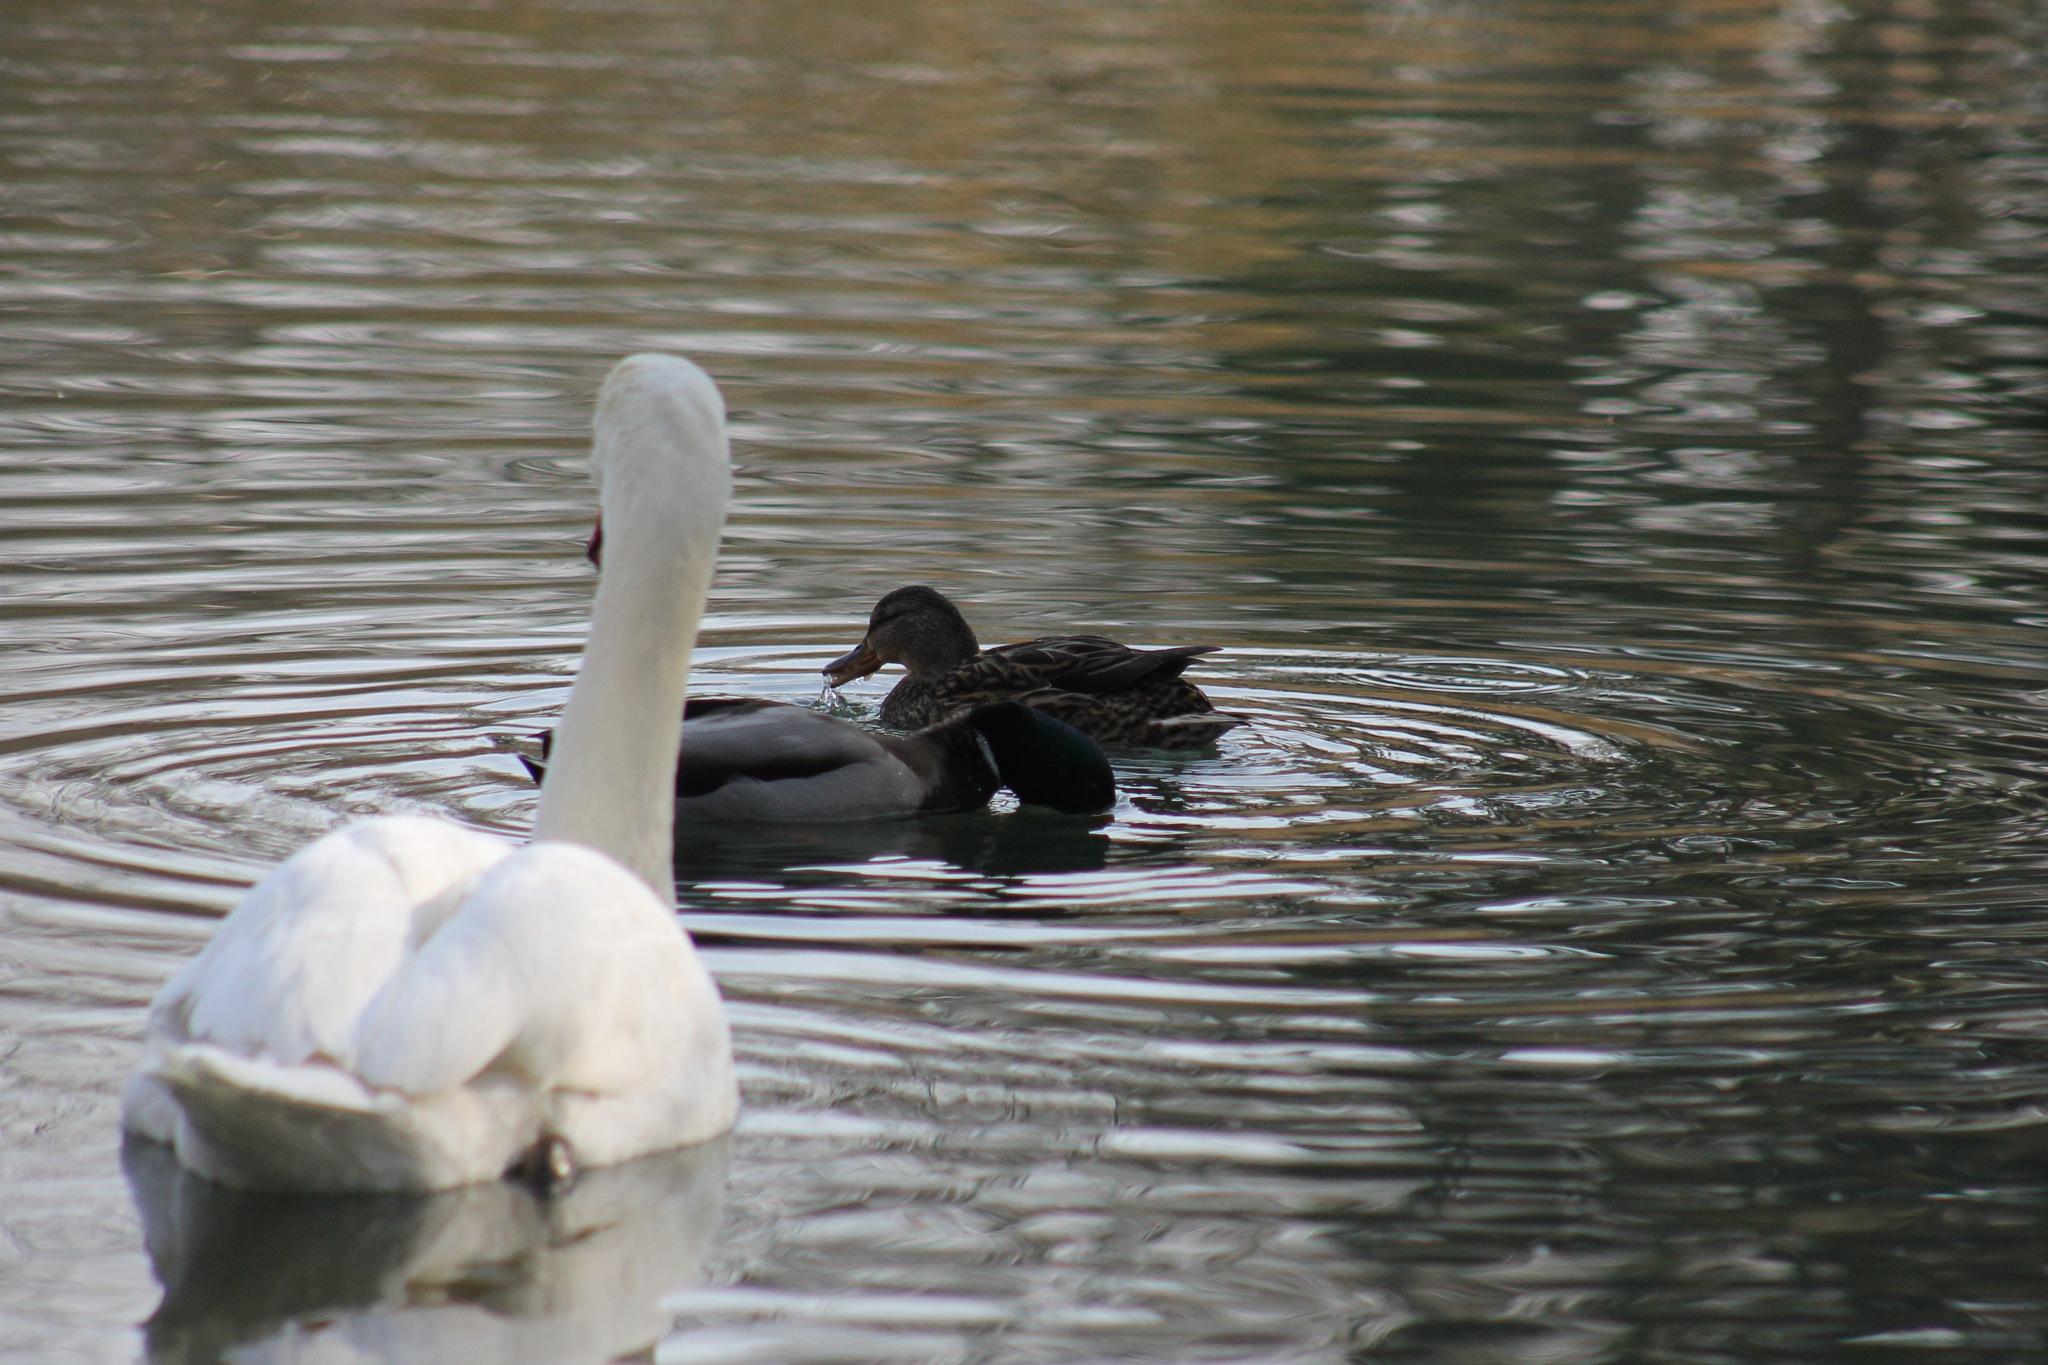 Swan and Ducks by bozicatrnka